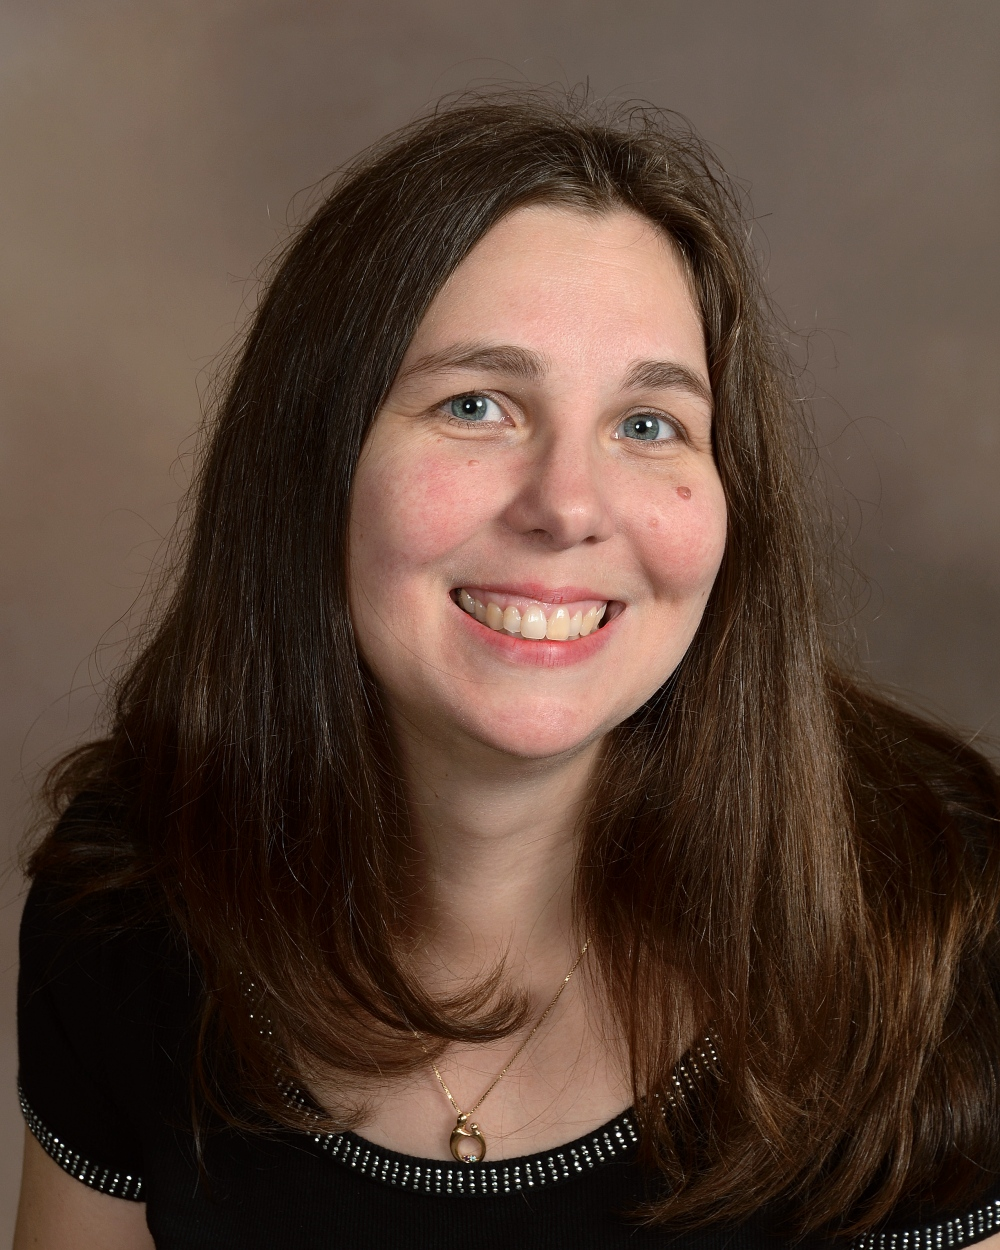 Karen Gossler